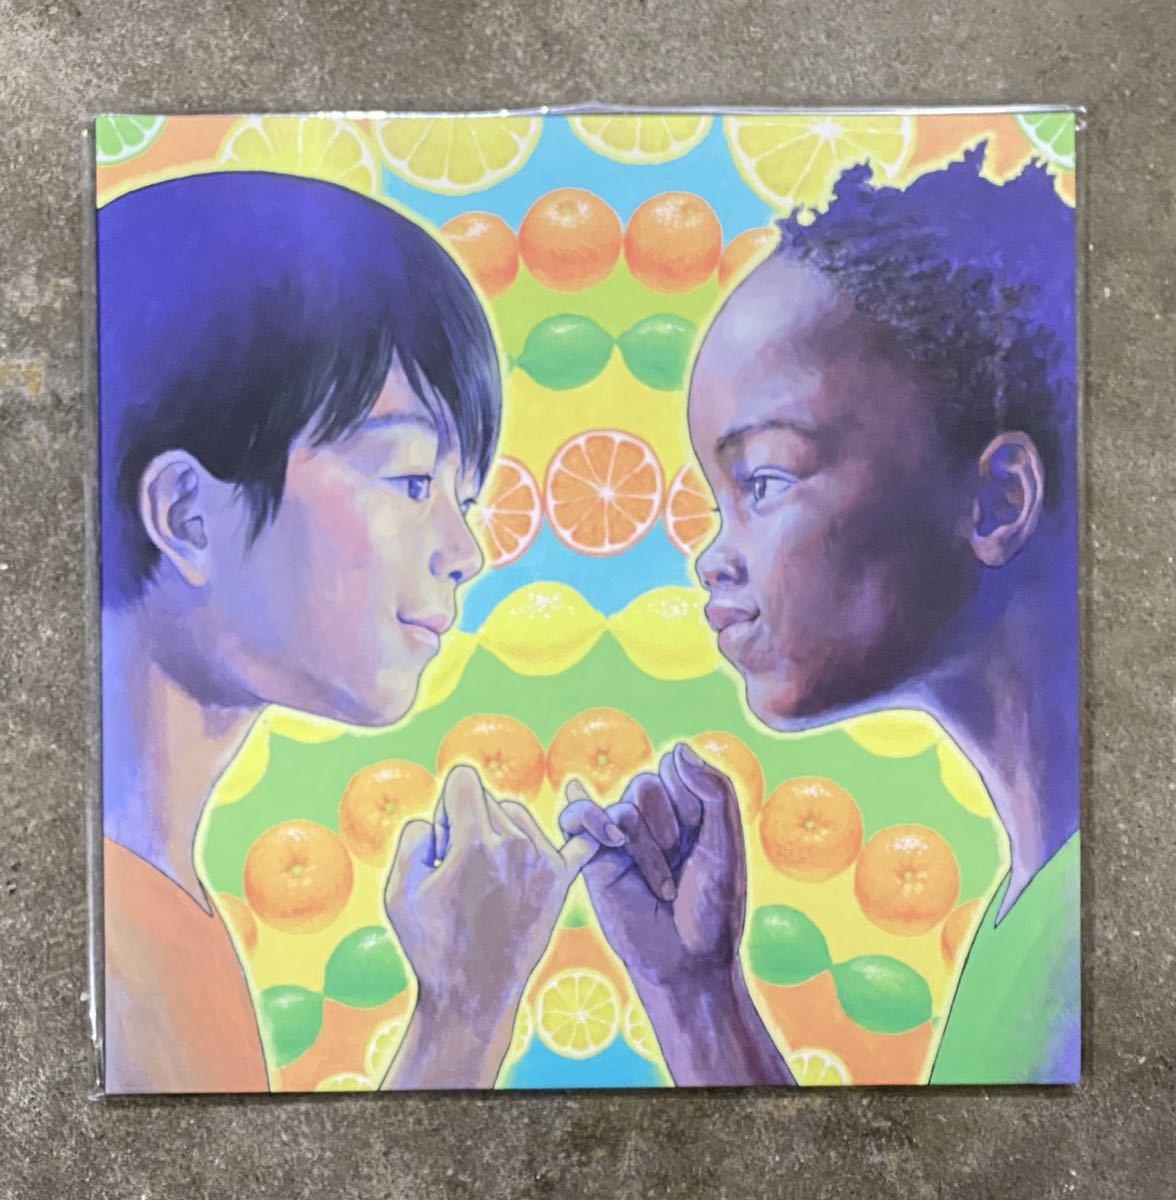 【新品未使用】 岡村靖幸『操』LP レコード アナログ盤 限定_画像1